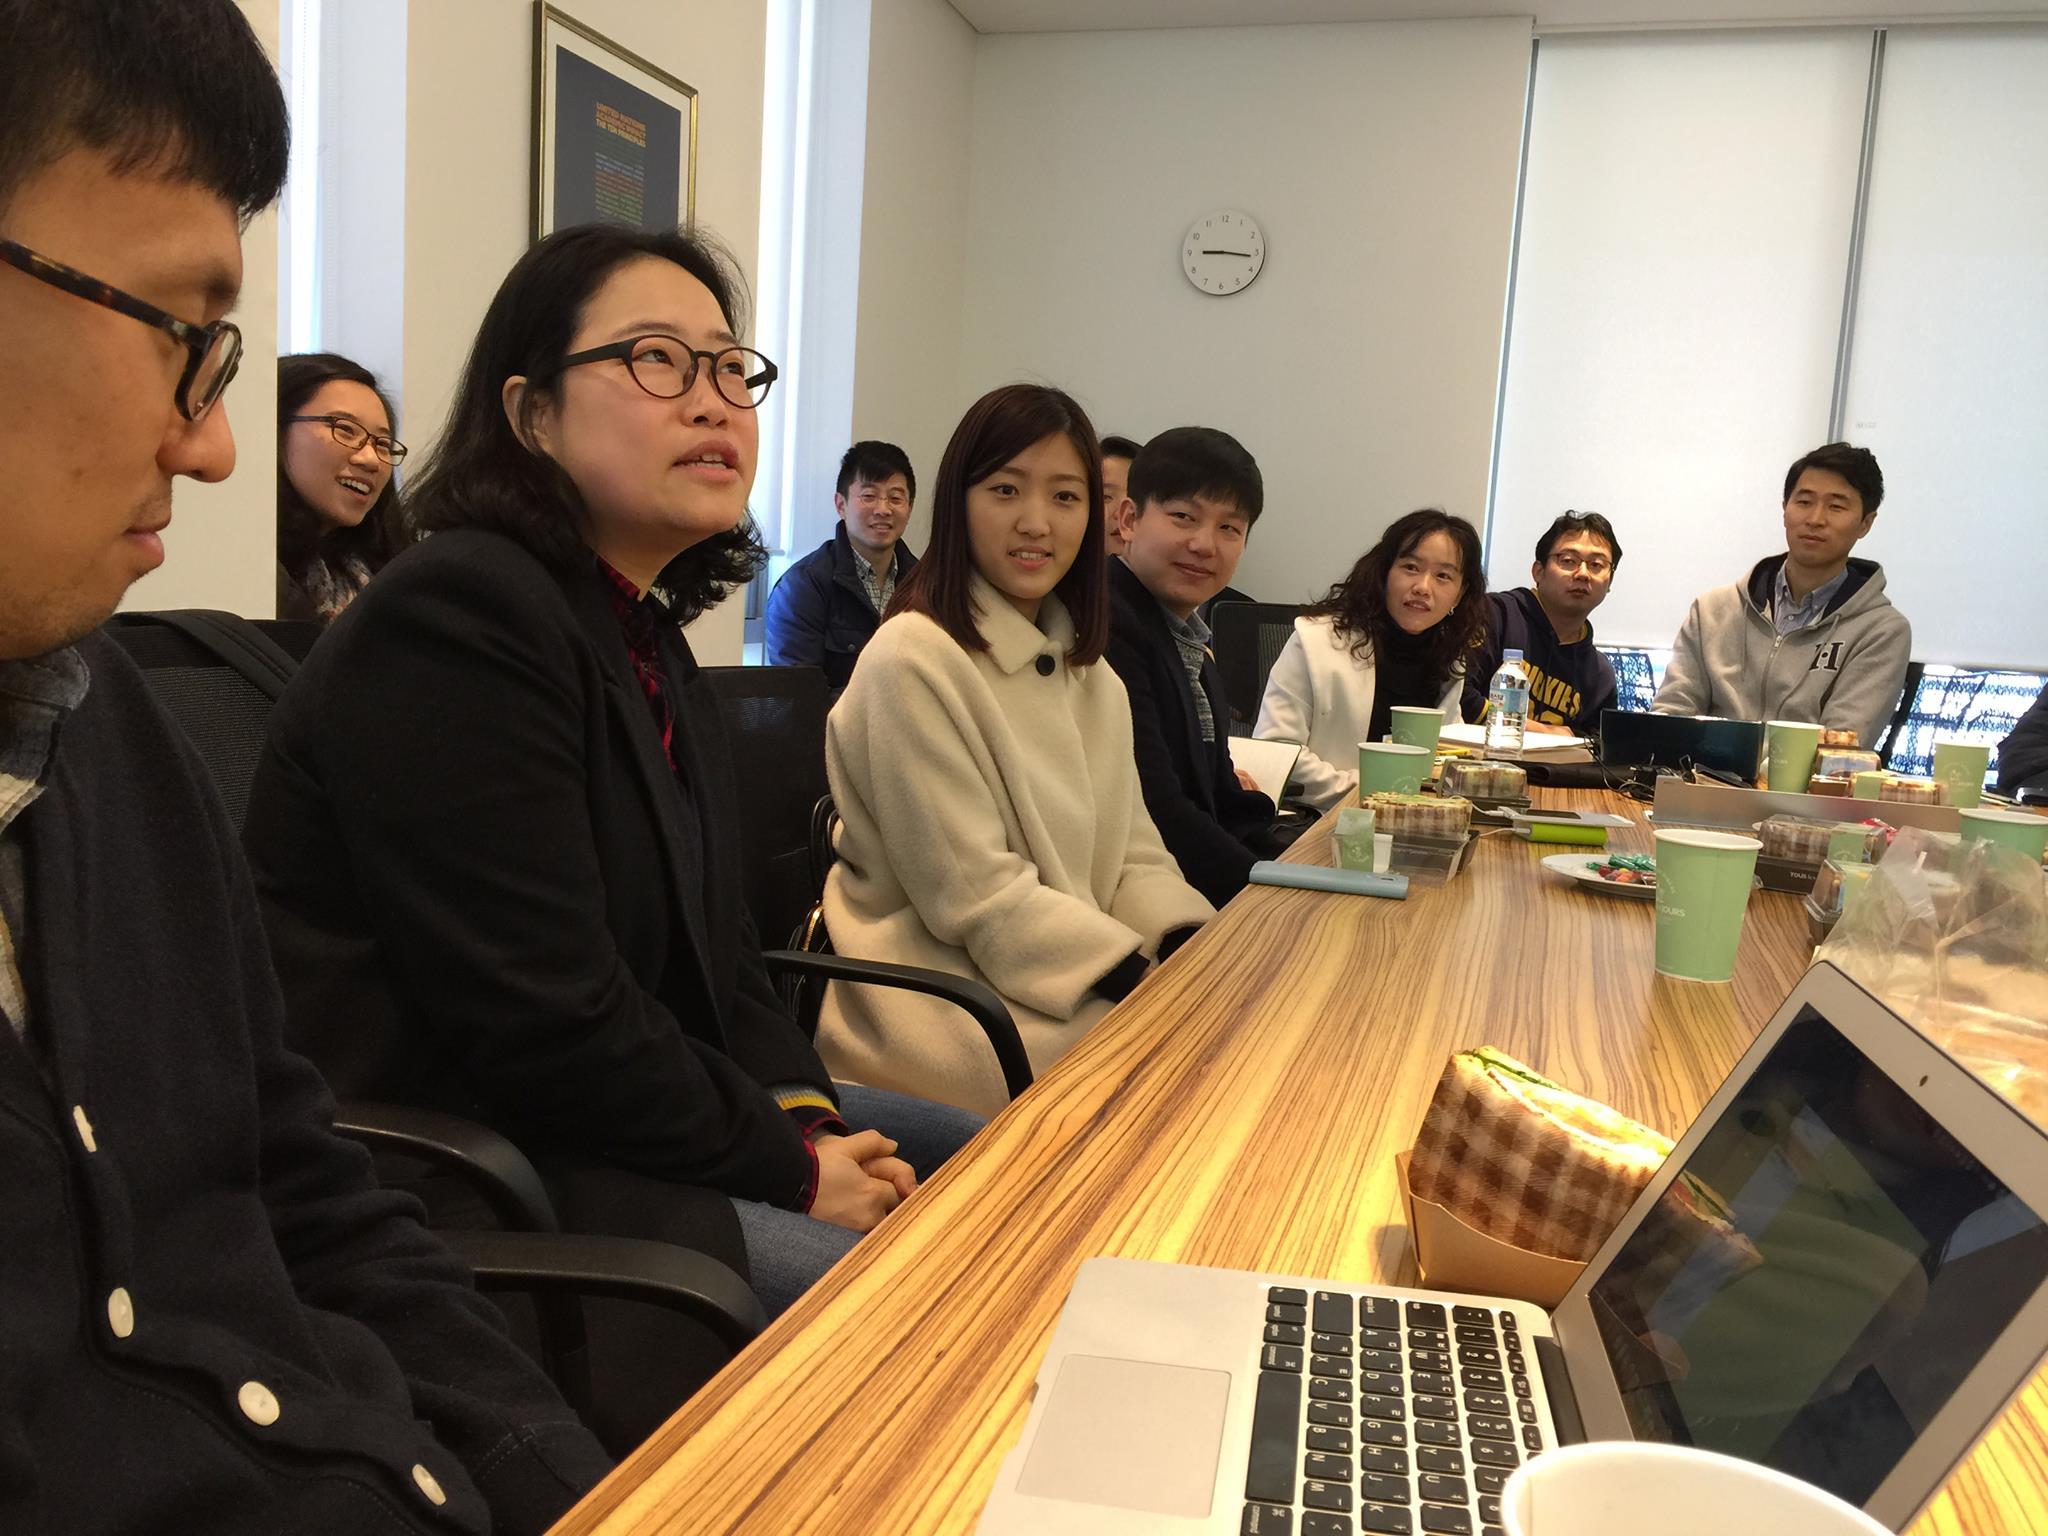 2015.03.14 열린이사회 (4).jpg